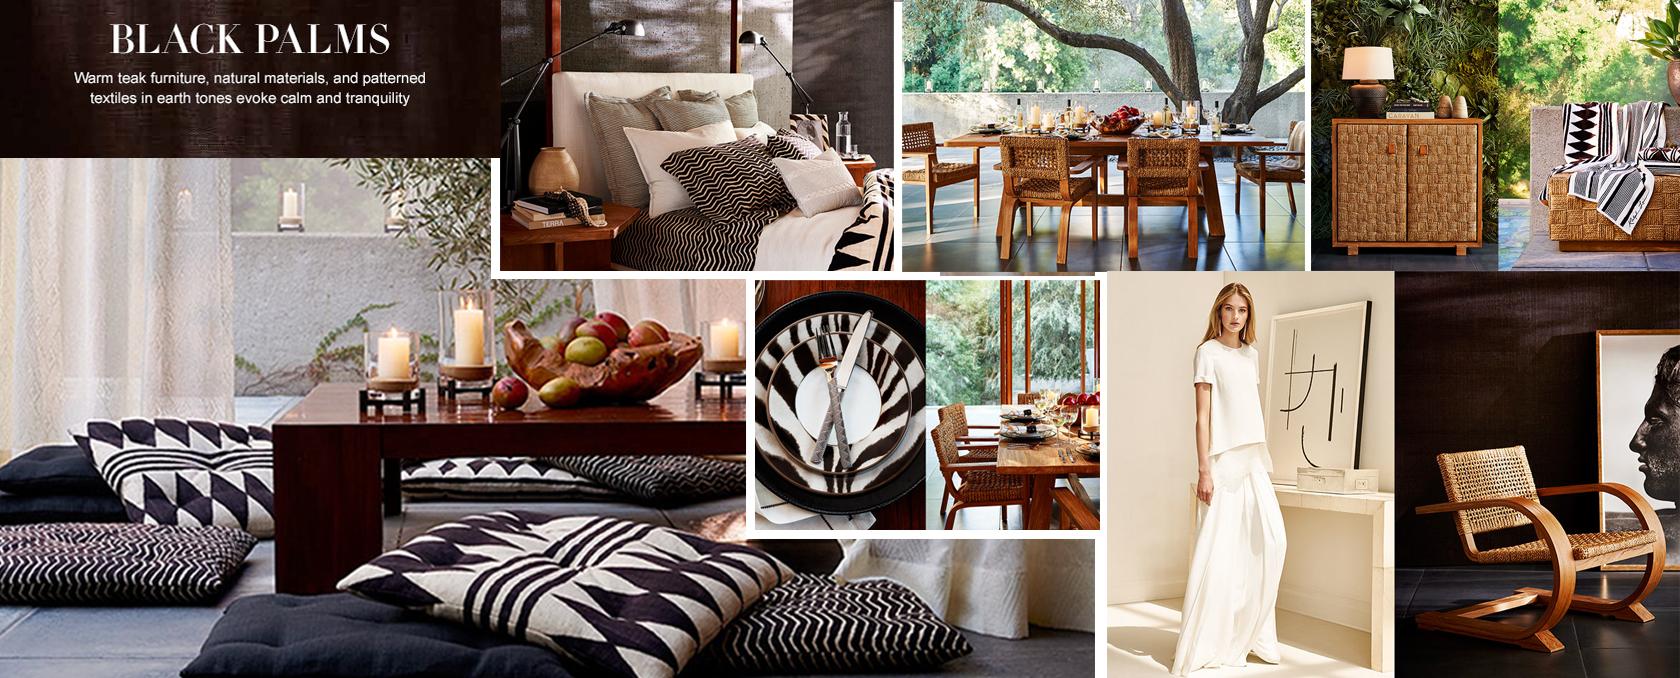 RalphLauren Home1 |Fanoflex